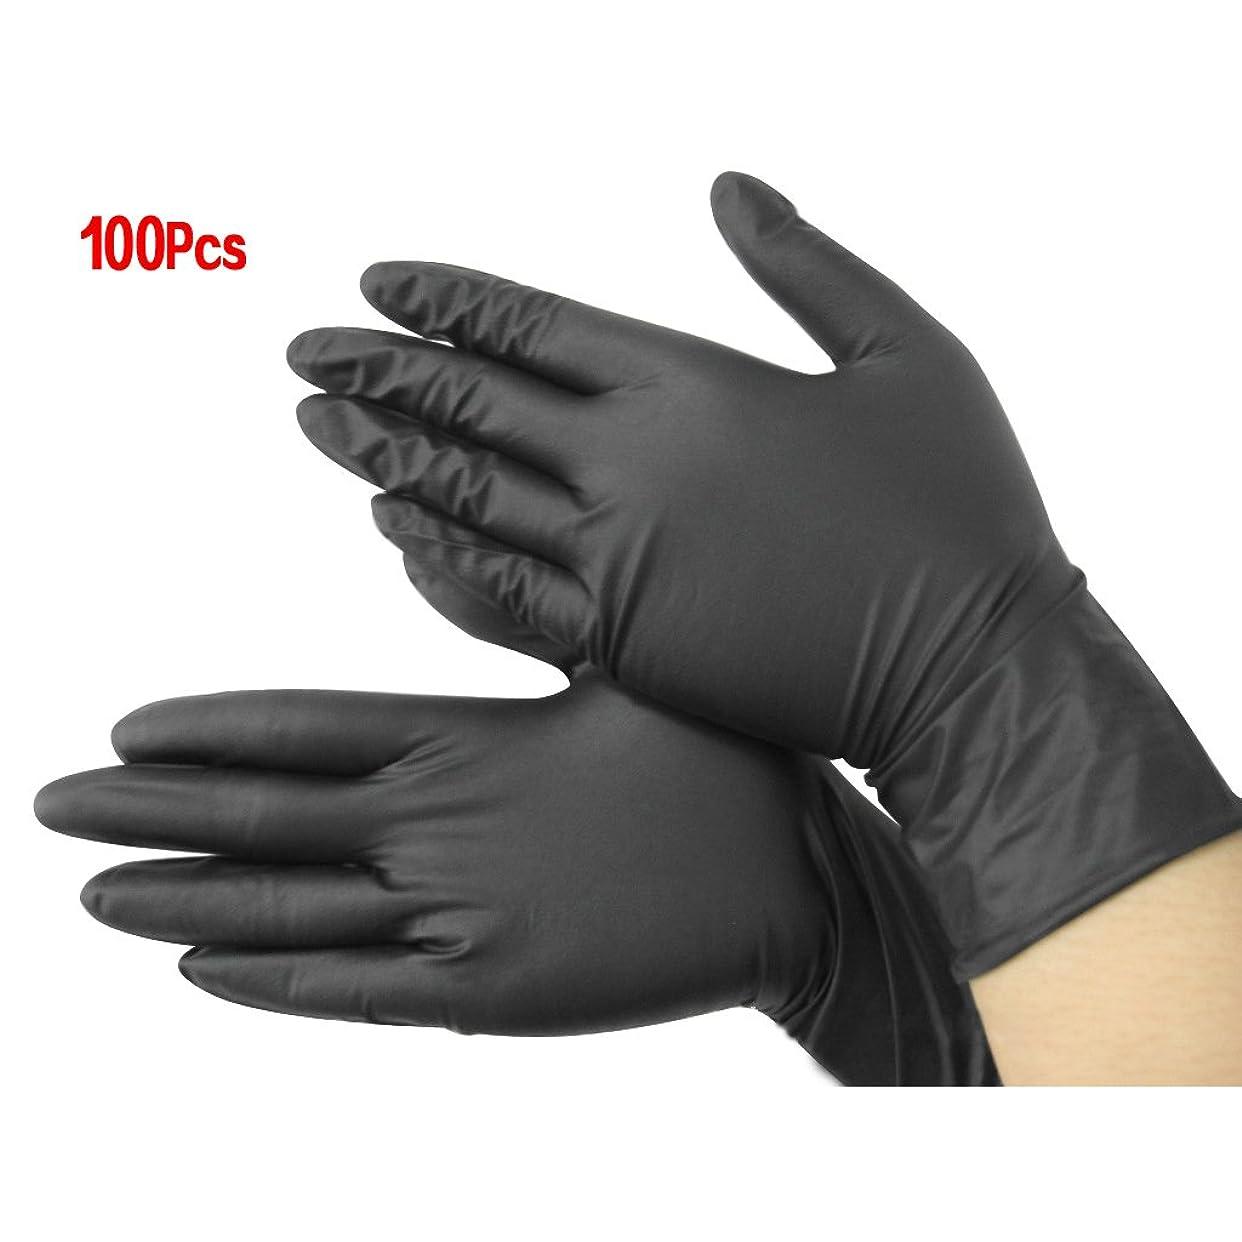 不変コーン一族手袋,SODIAL(R)黒いニトリル使い捨てクール手袋 パワーフリーX100 - 入れ墨 - メカニック 新しい